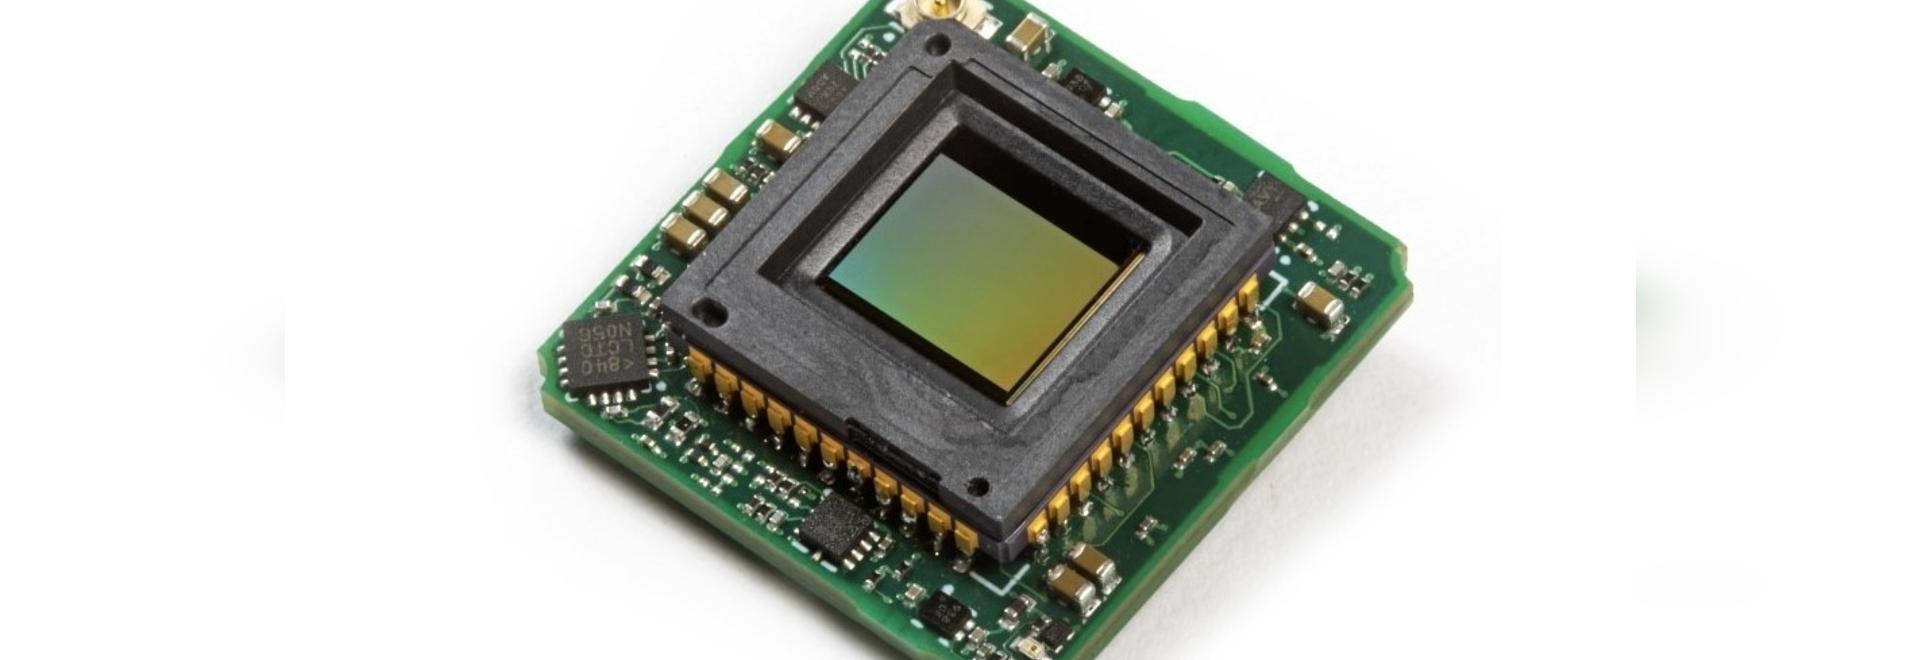 Lancement des nouveaux noyaux de caméra de la série Dione 640